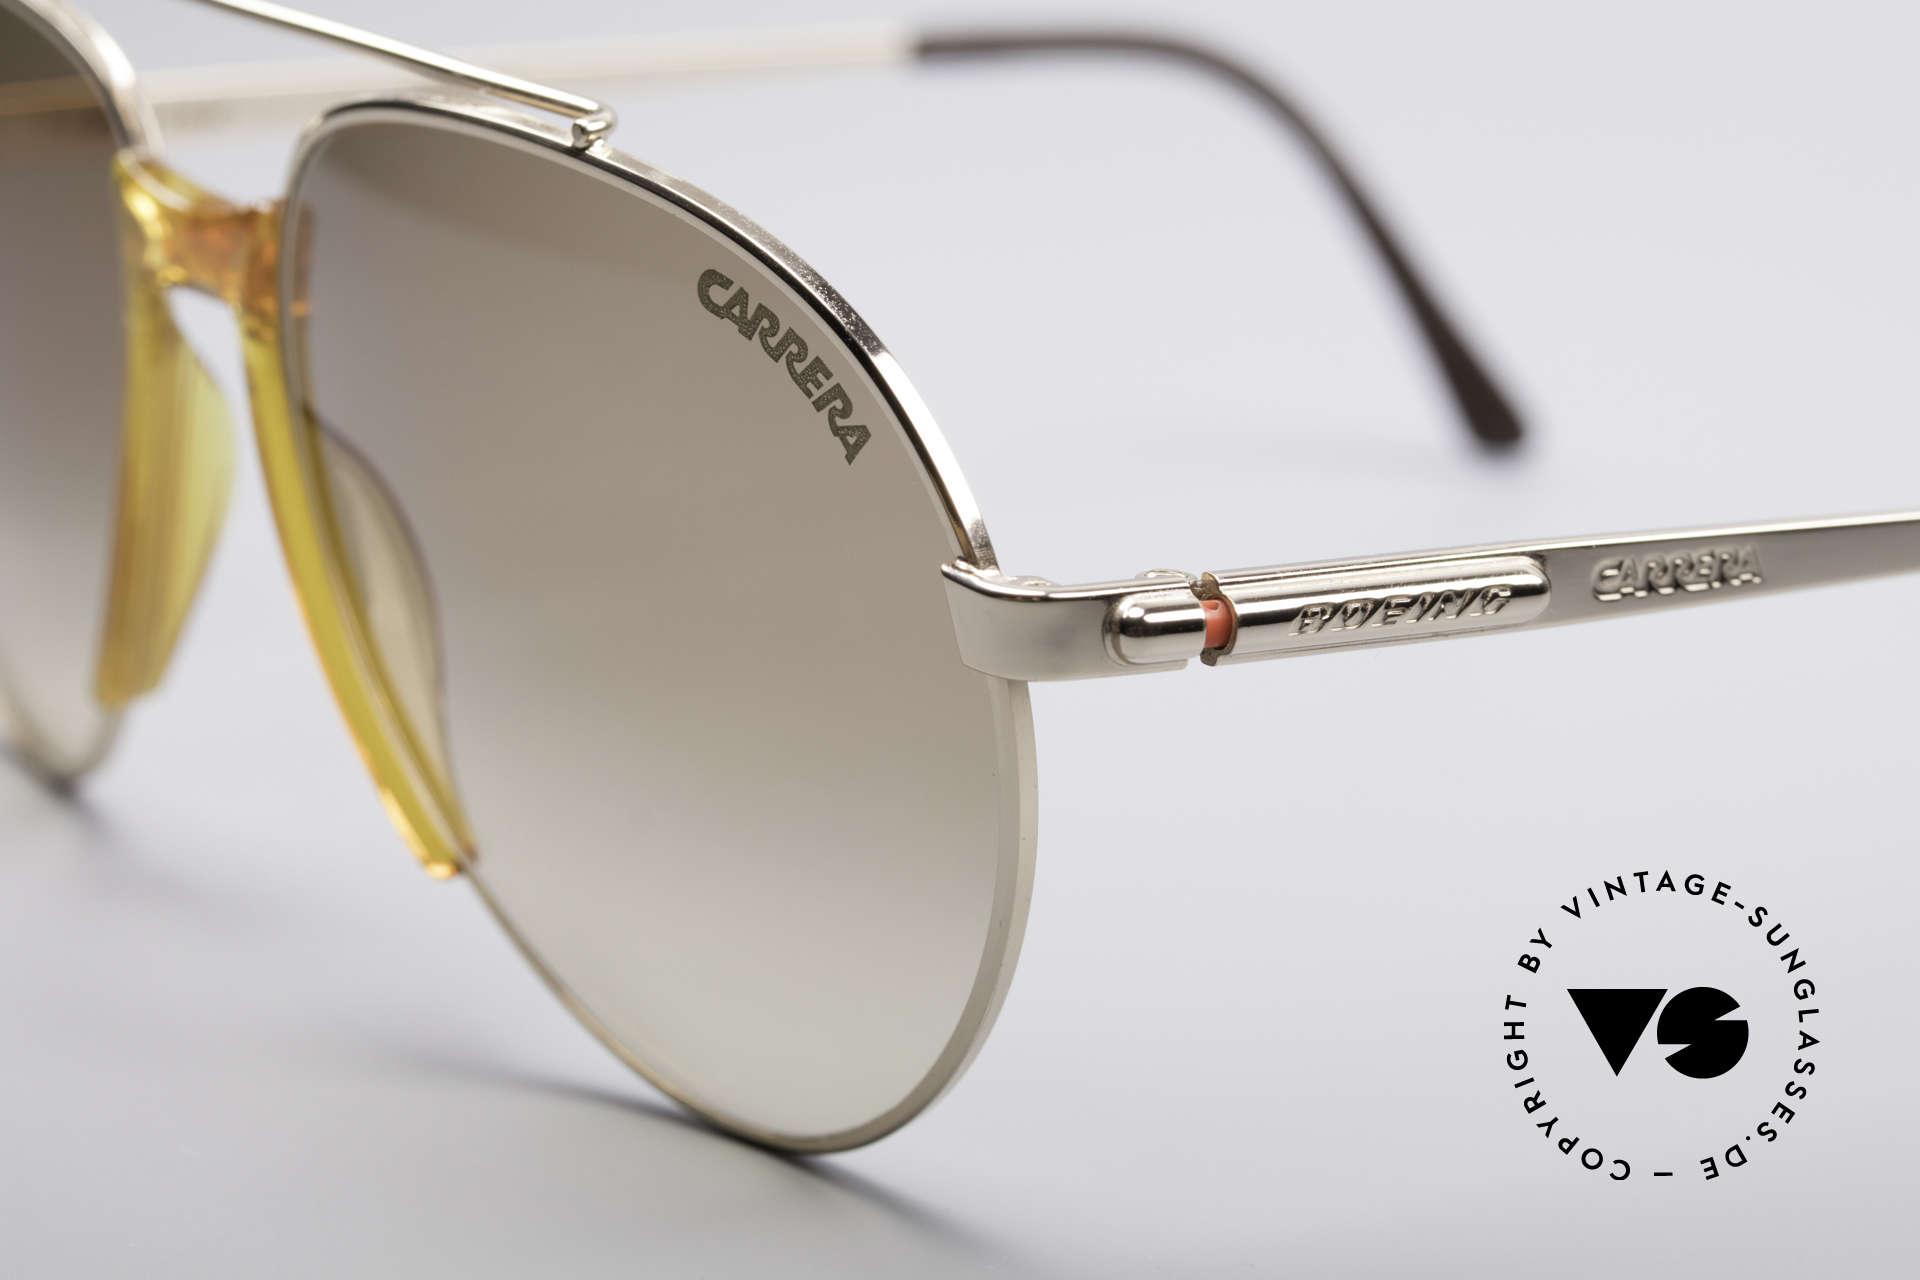 Boeing 5734 Alte Brille Pilotenbrille 80er, entsprechend hochwertig & kostbar (vergoldete Teile), Passend für Herren und Damen